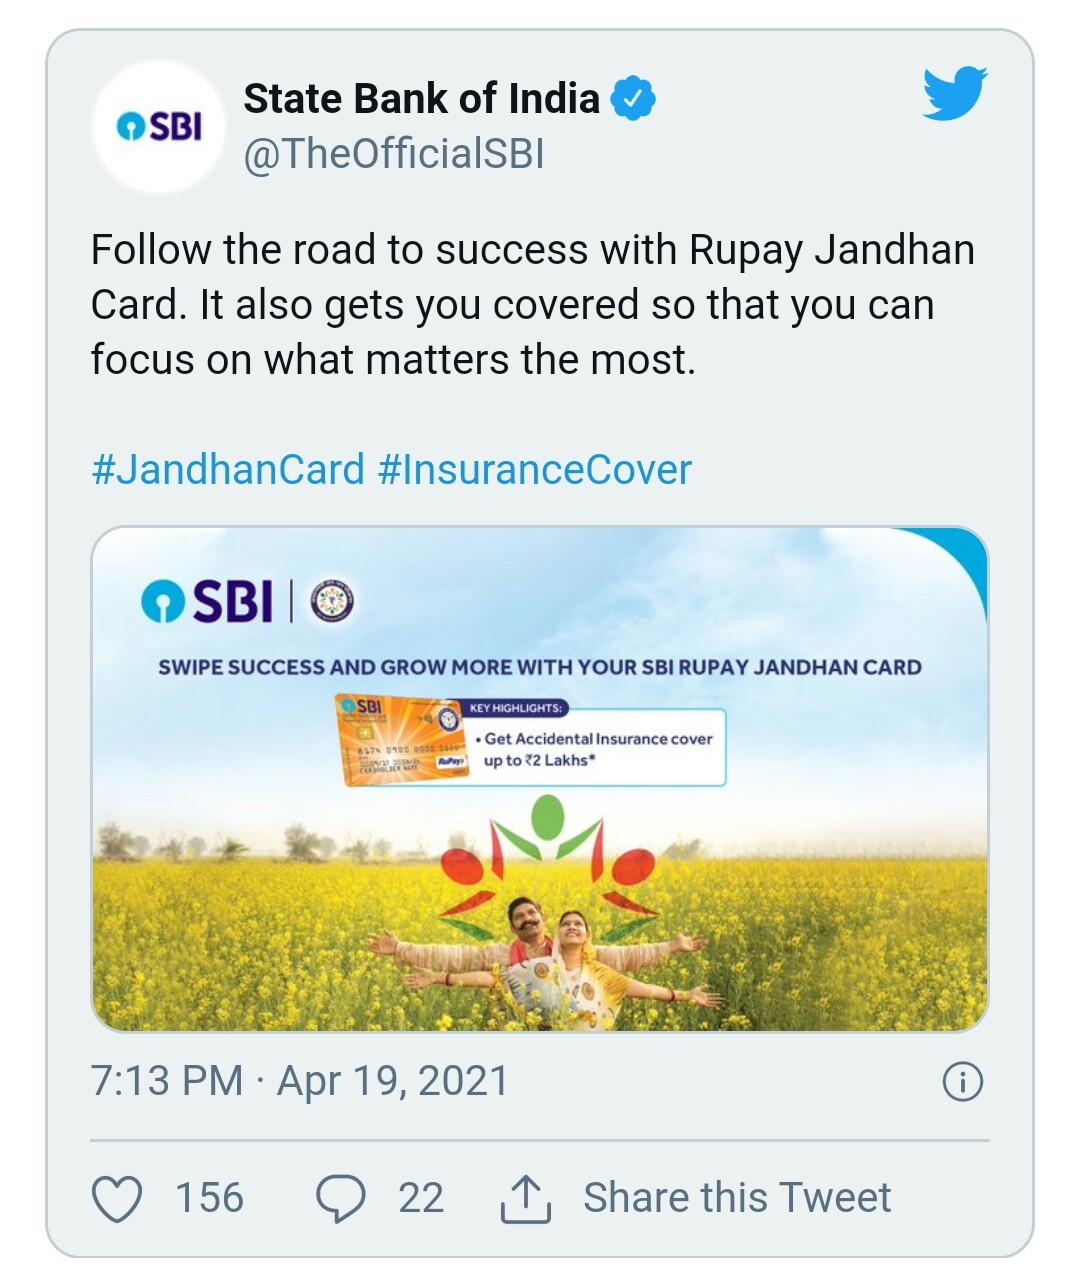 SBI Bank में आपका जन धन Account है तो आपको 2,00,000 तक का फायदा मिलेगा